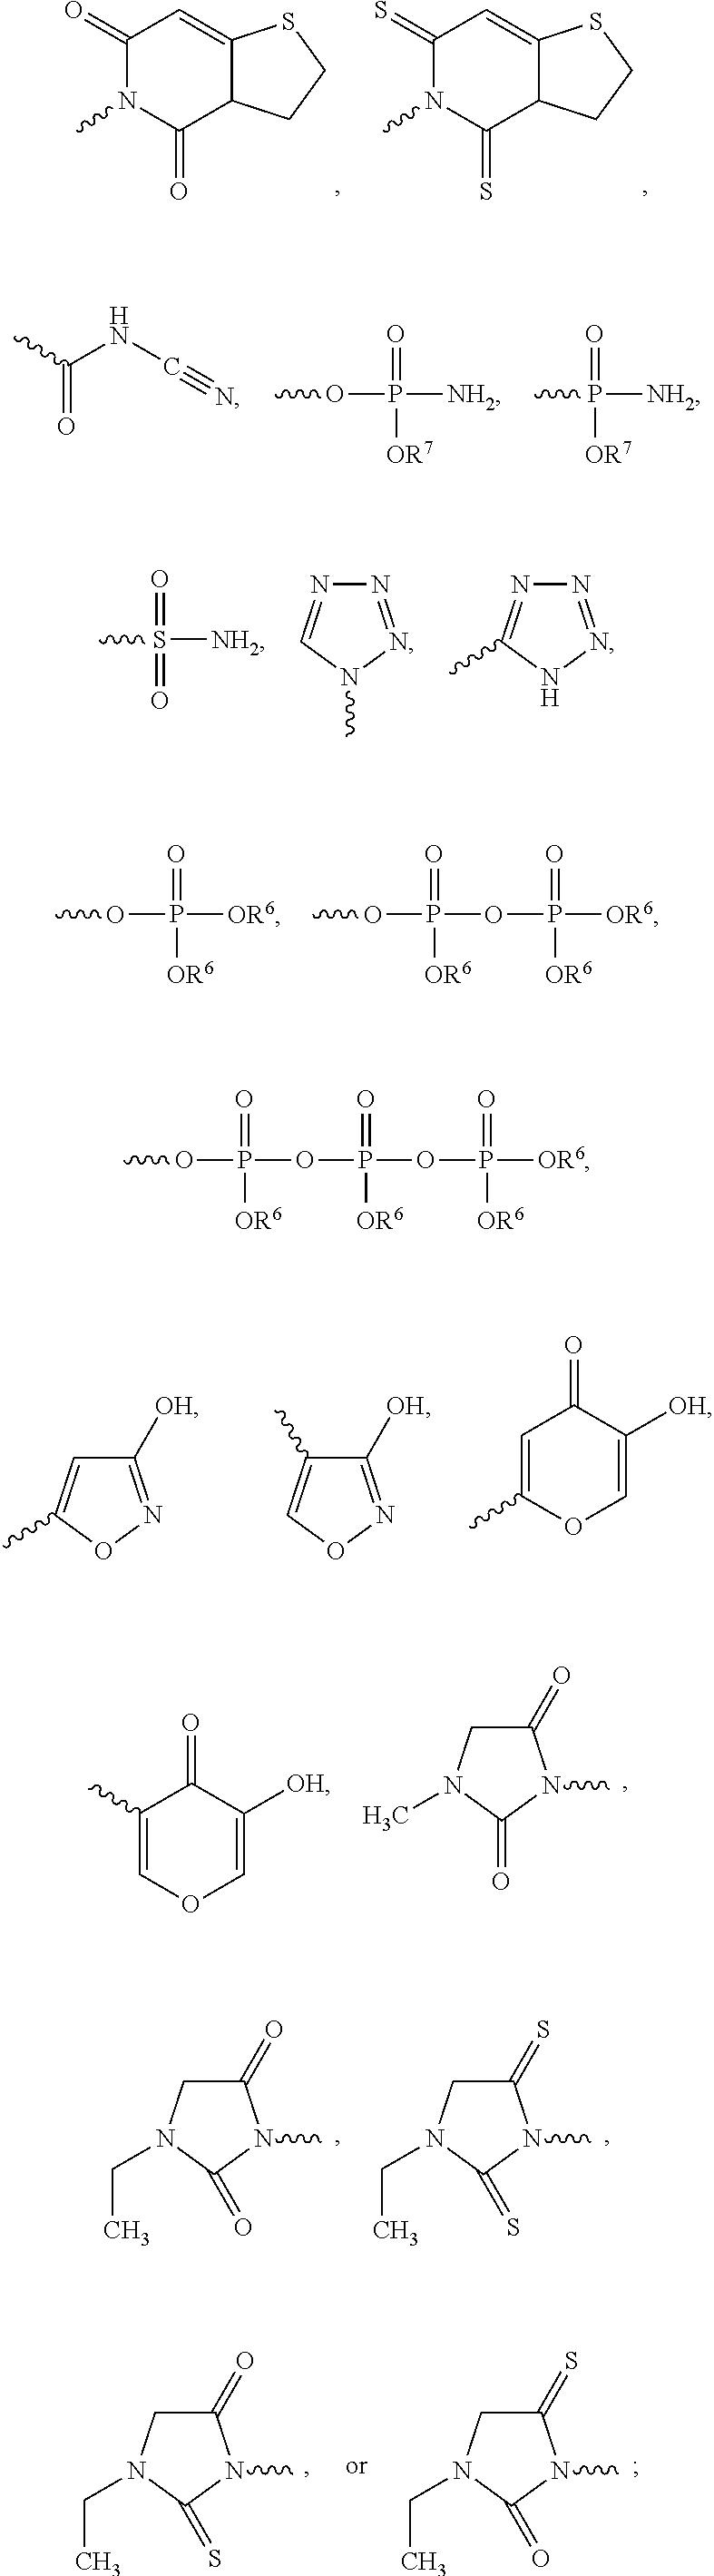 Figure US09855240-20180102-C00024